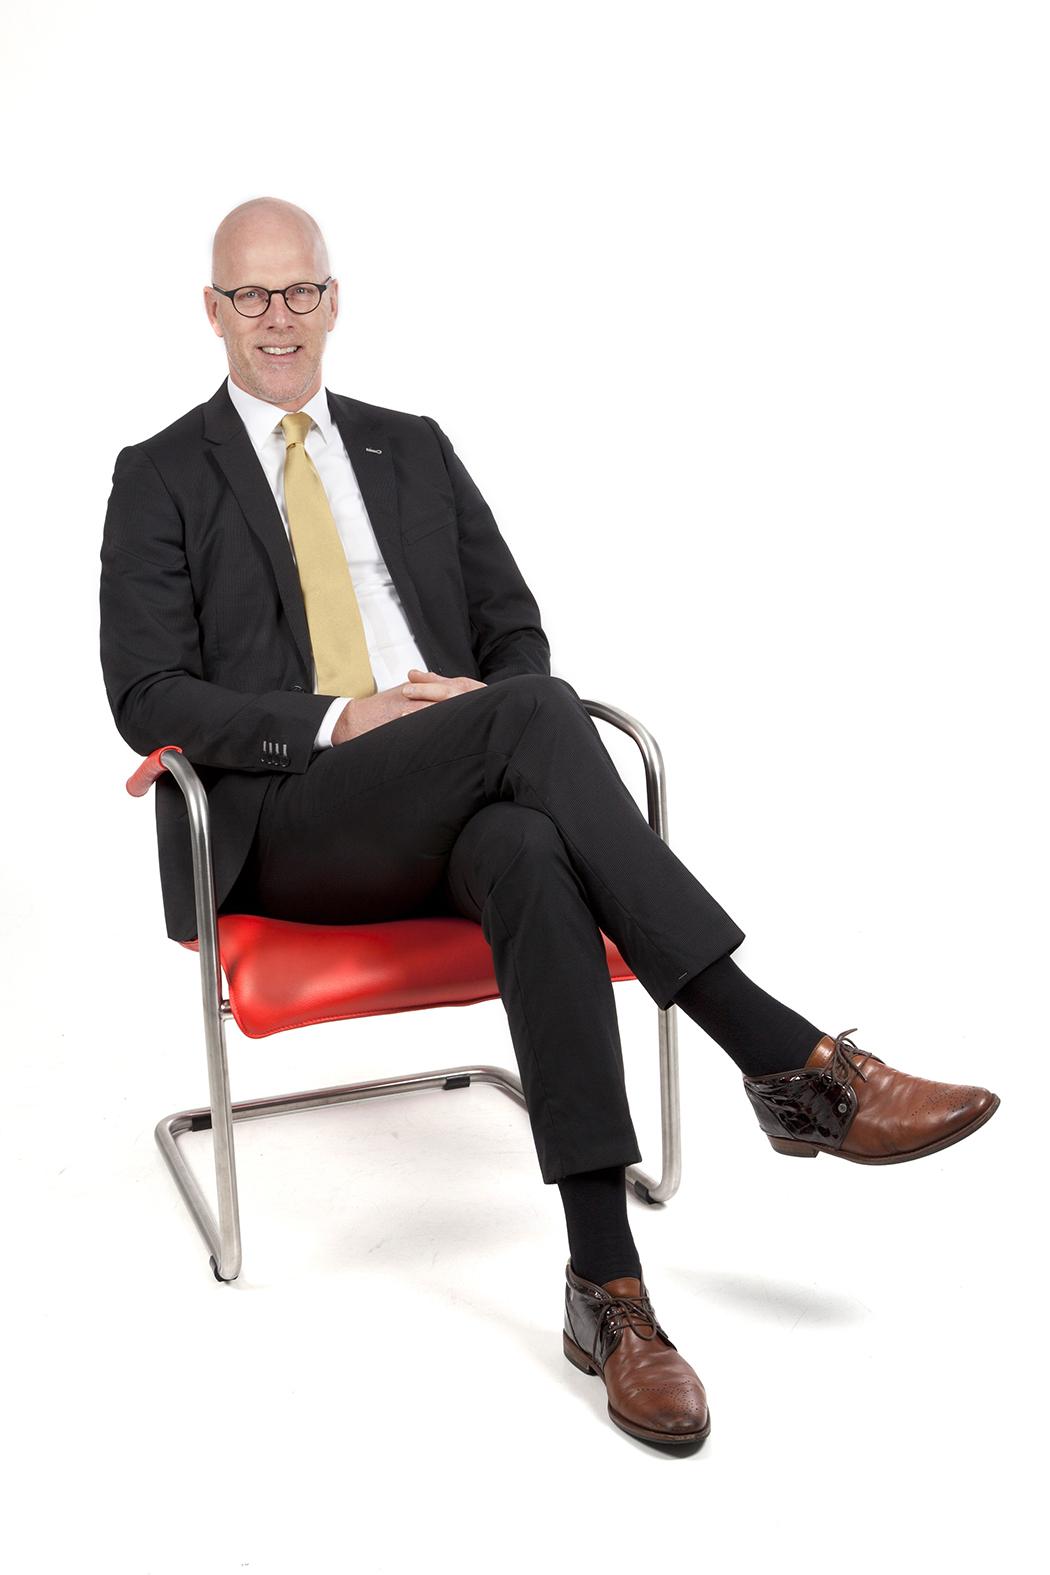 Jan Vledder